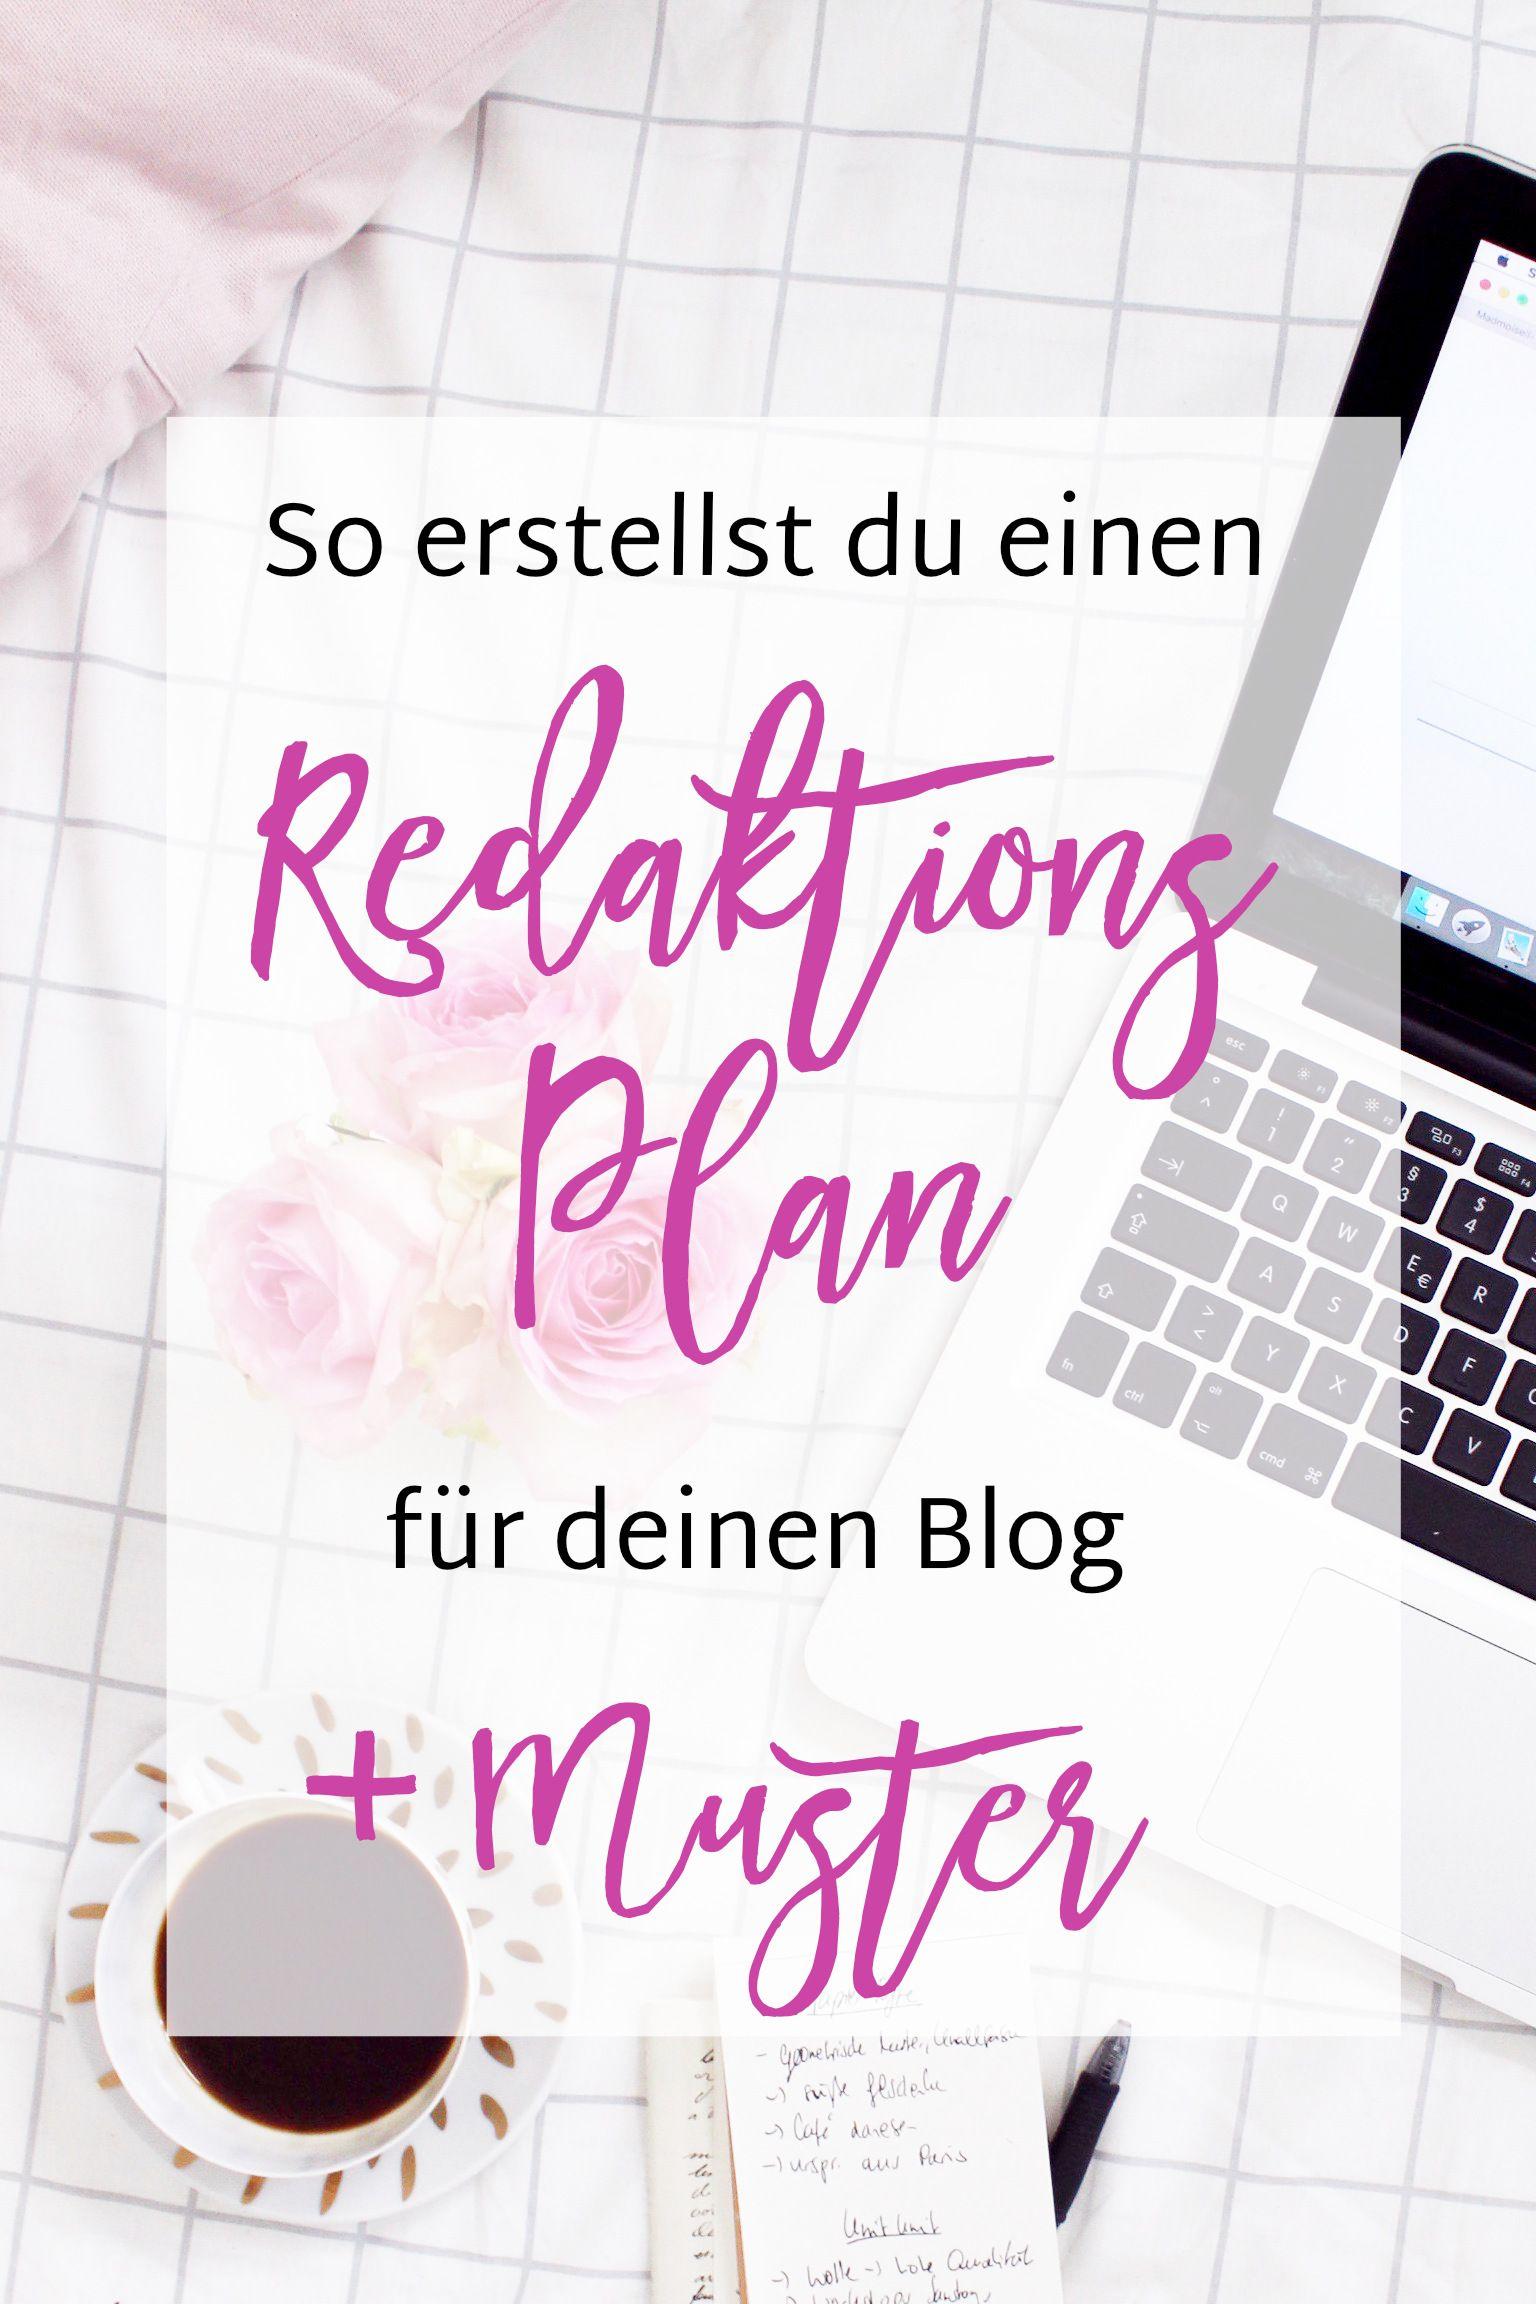 Wie Du Einen Redaktionsplan Fur Deinen Blog Erstellst Beispiel Madmoisell Diy Blog Uber Deko Mode Und Wohnen Blog Erstellen Blog Blog Starten